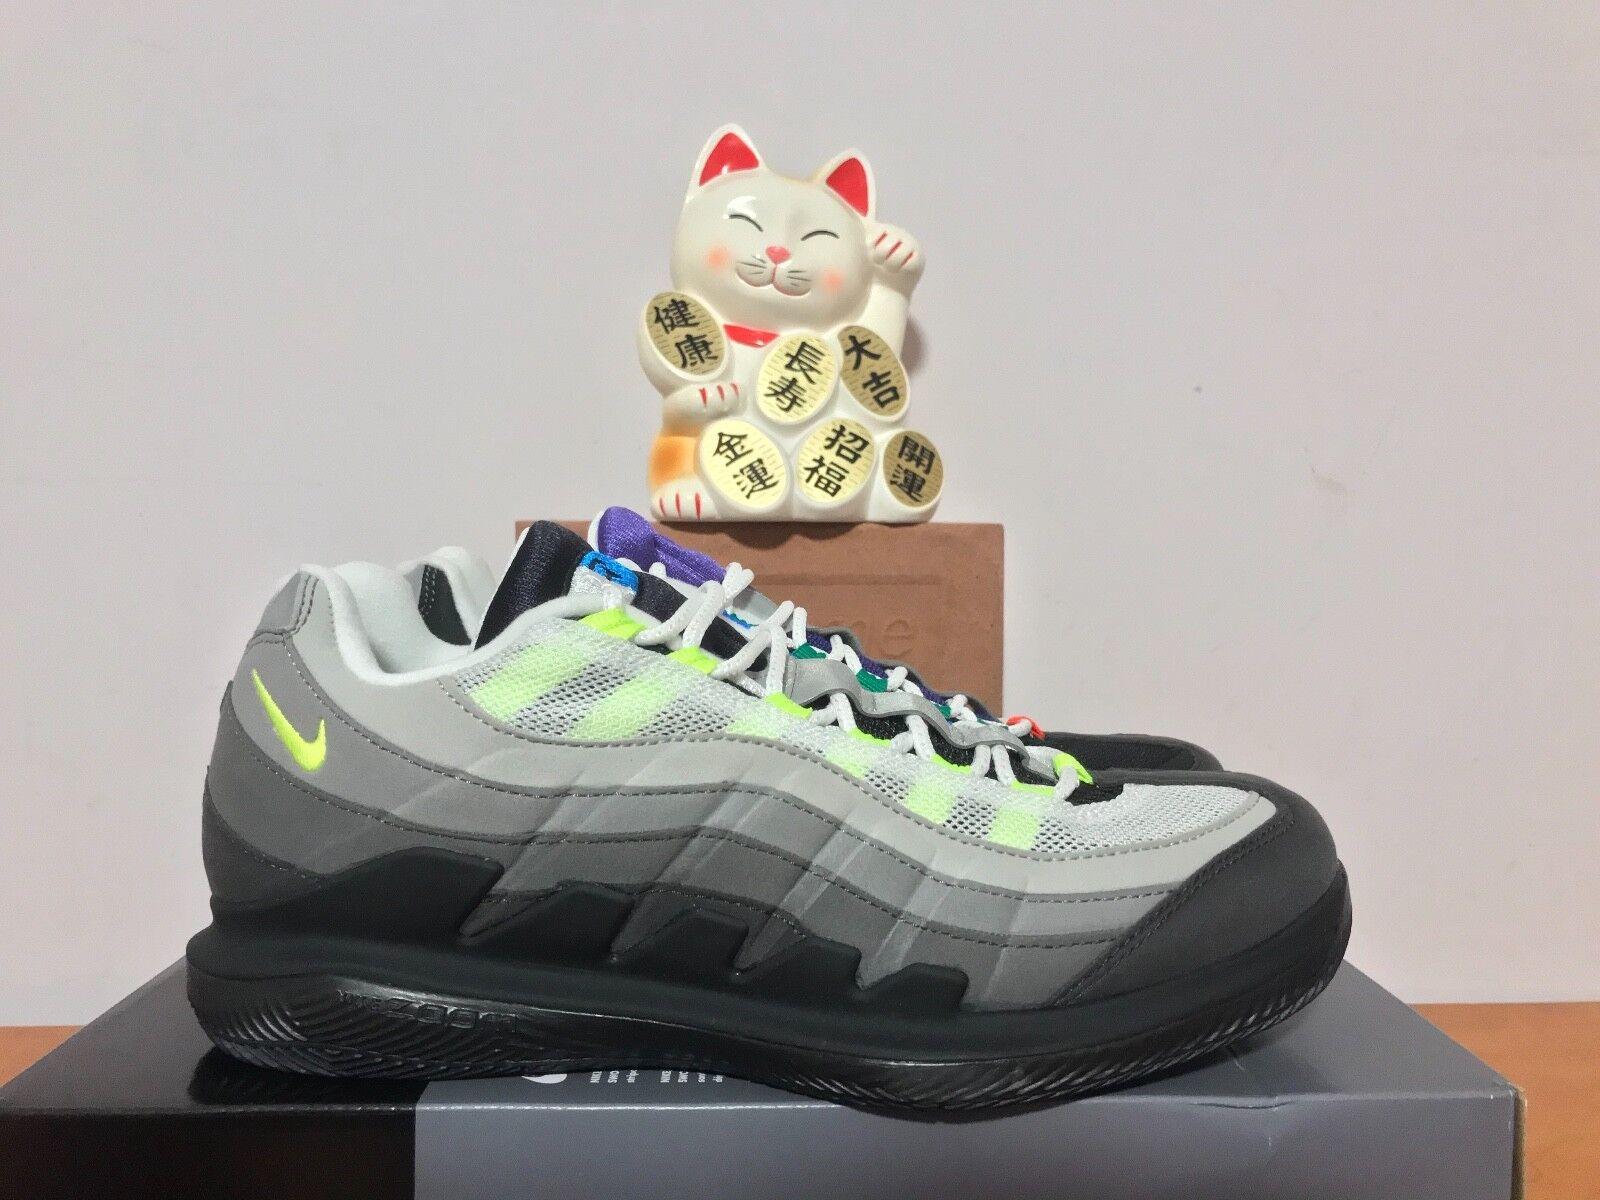 Nike Zoom Vapor RF Roger Federer x AM 95 Greedy [AO8759-077] Black Volt New 8.5 [AO8759-077] Greedy 4a1fb4